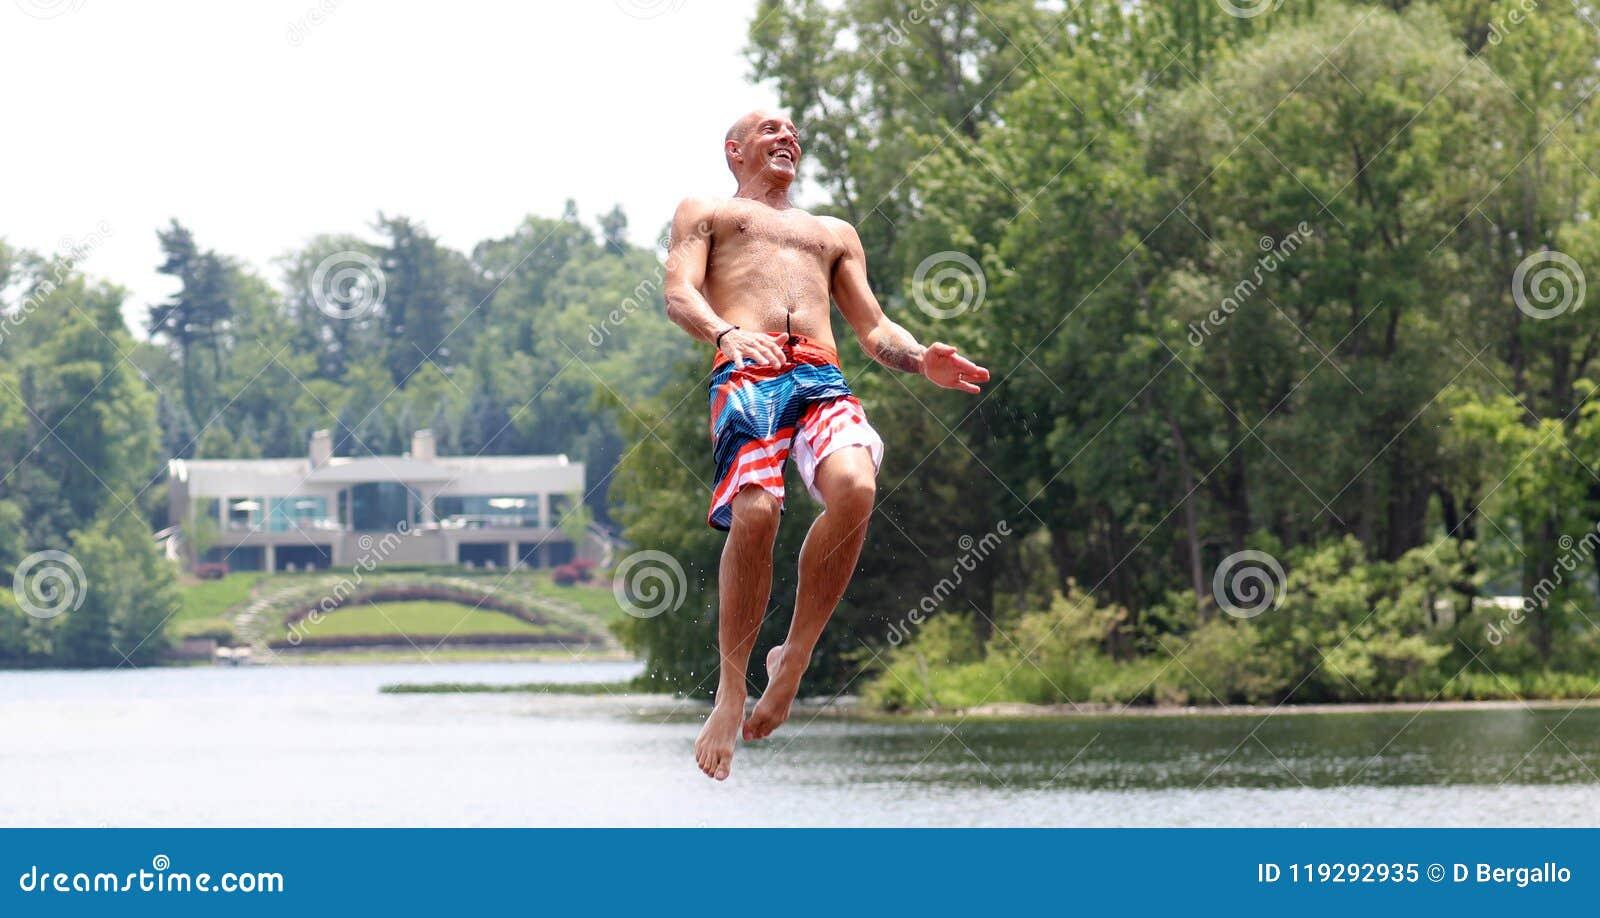 Красивый милый человек скача на батут воды плавая в озеро в Мичигане во время лета